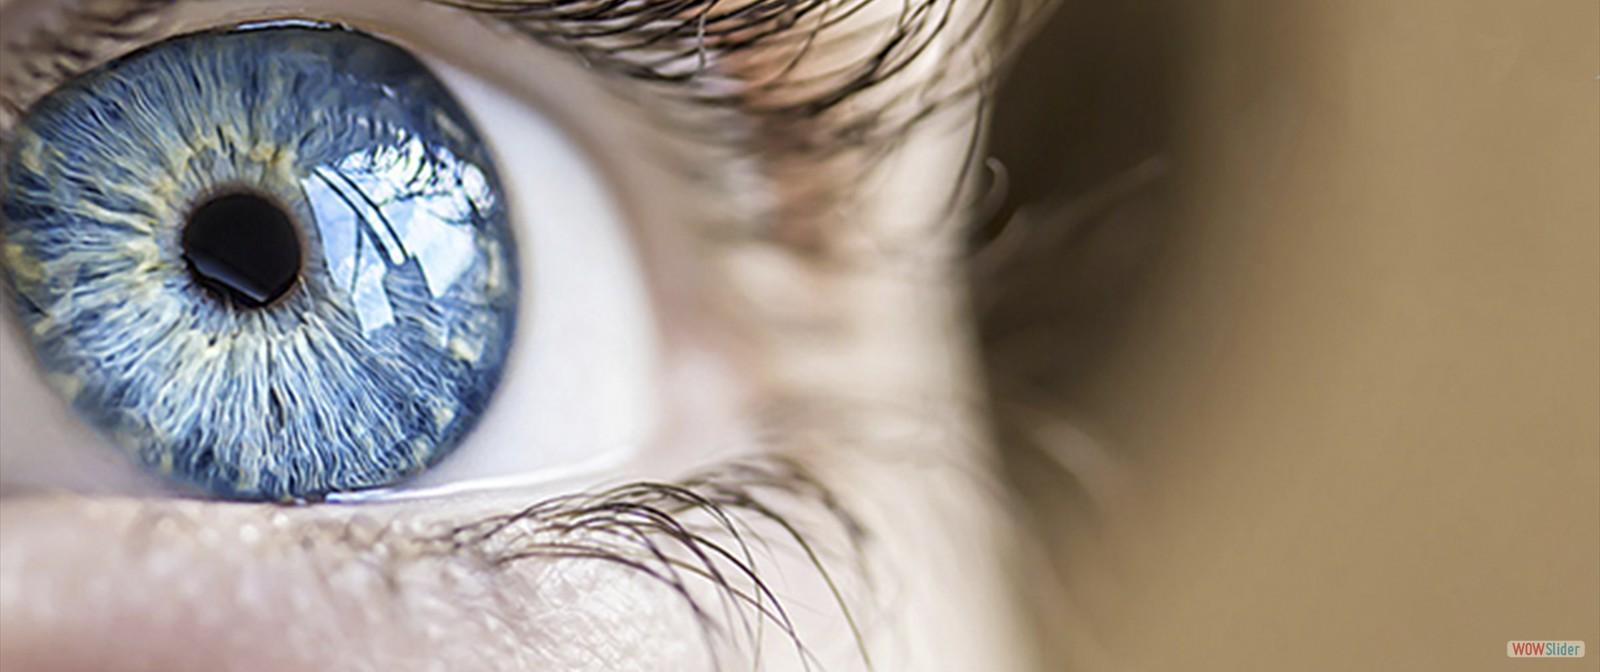 اختلالات بینایی در کشور 26 درصد افزایش یافته است